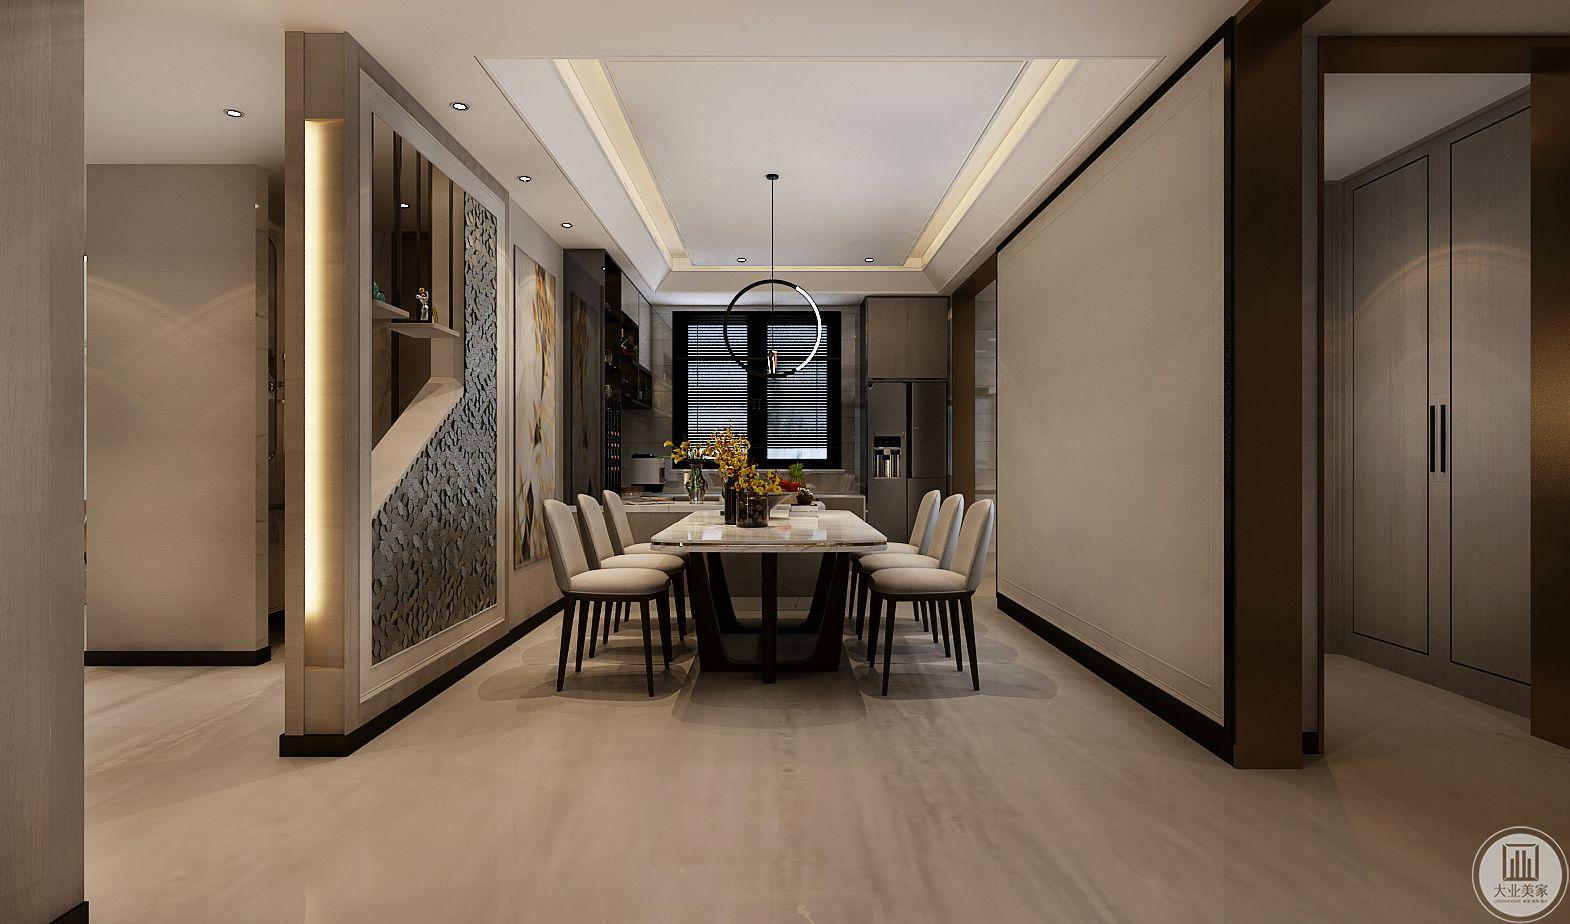 餐厅的餐桌餐椅都采用现代风格设计,餐桌桌面采用大理石,一侧墙面采用浅黄色壁纸装饰。